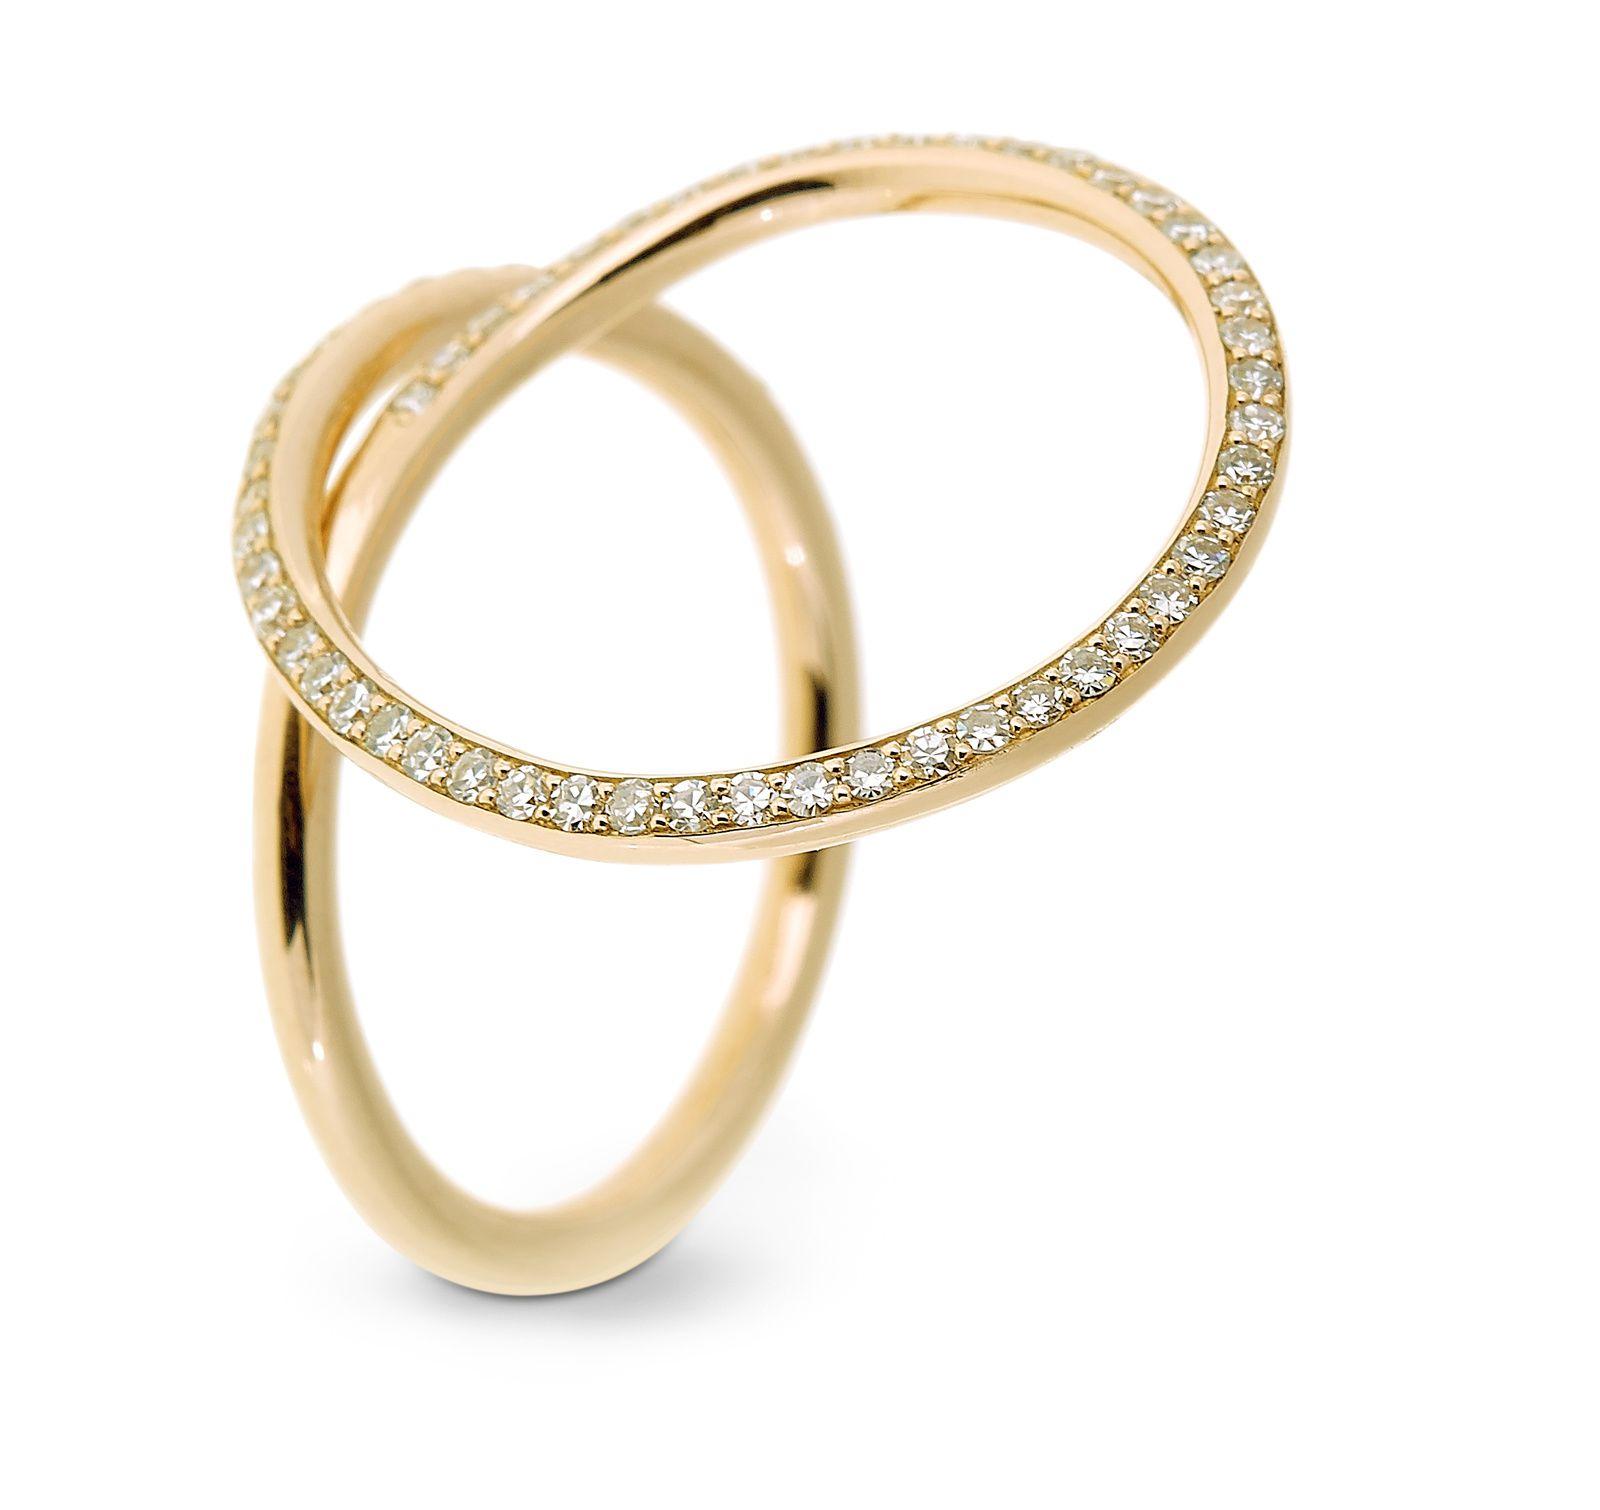 Bague C'est dans l'air en or rose sertie de diamants © Selim Mouzannar